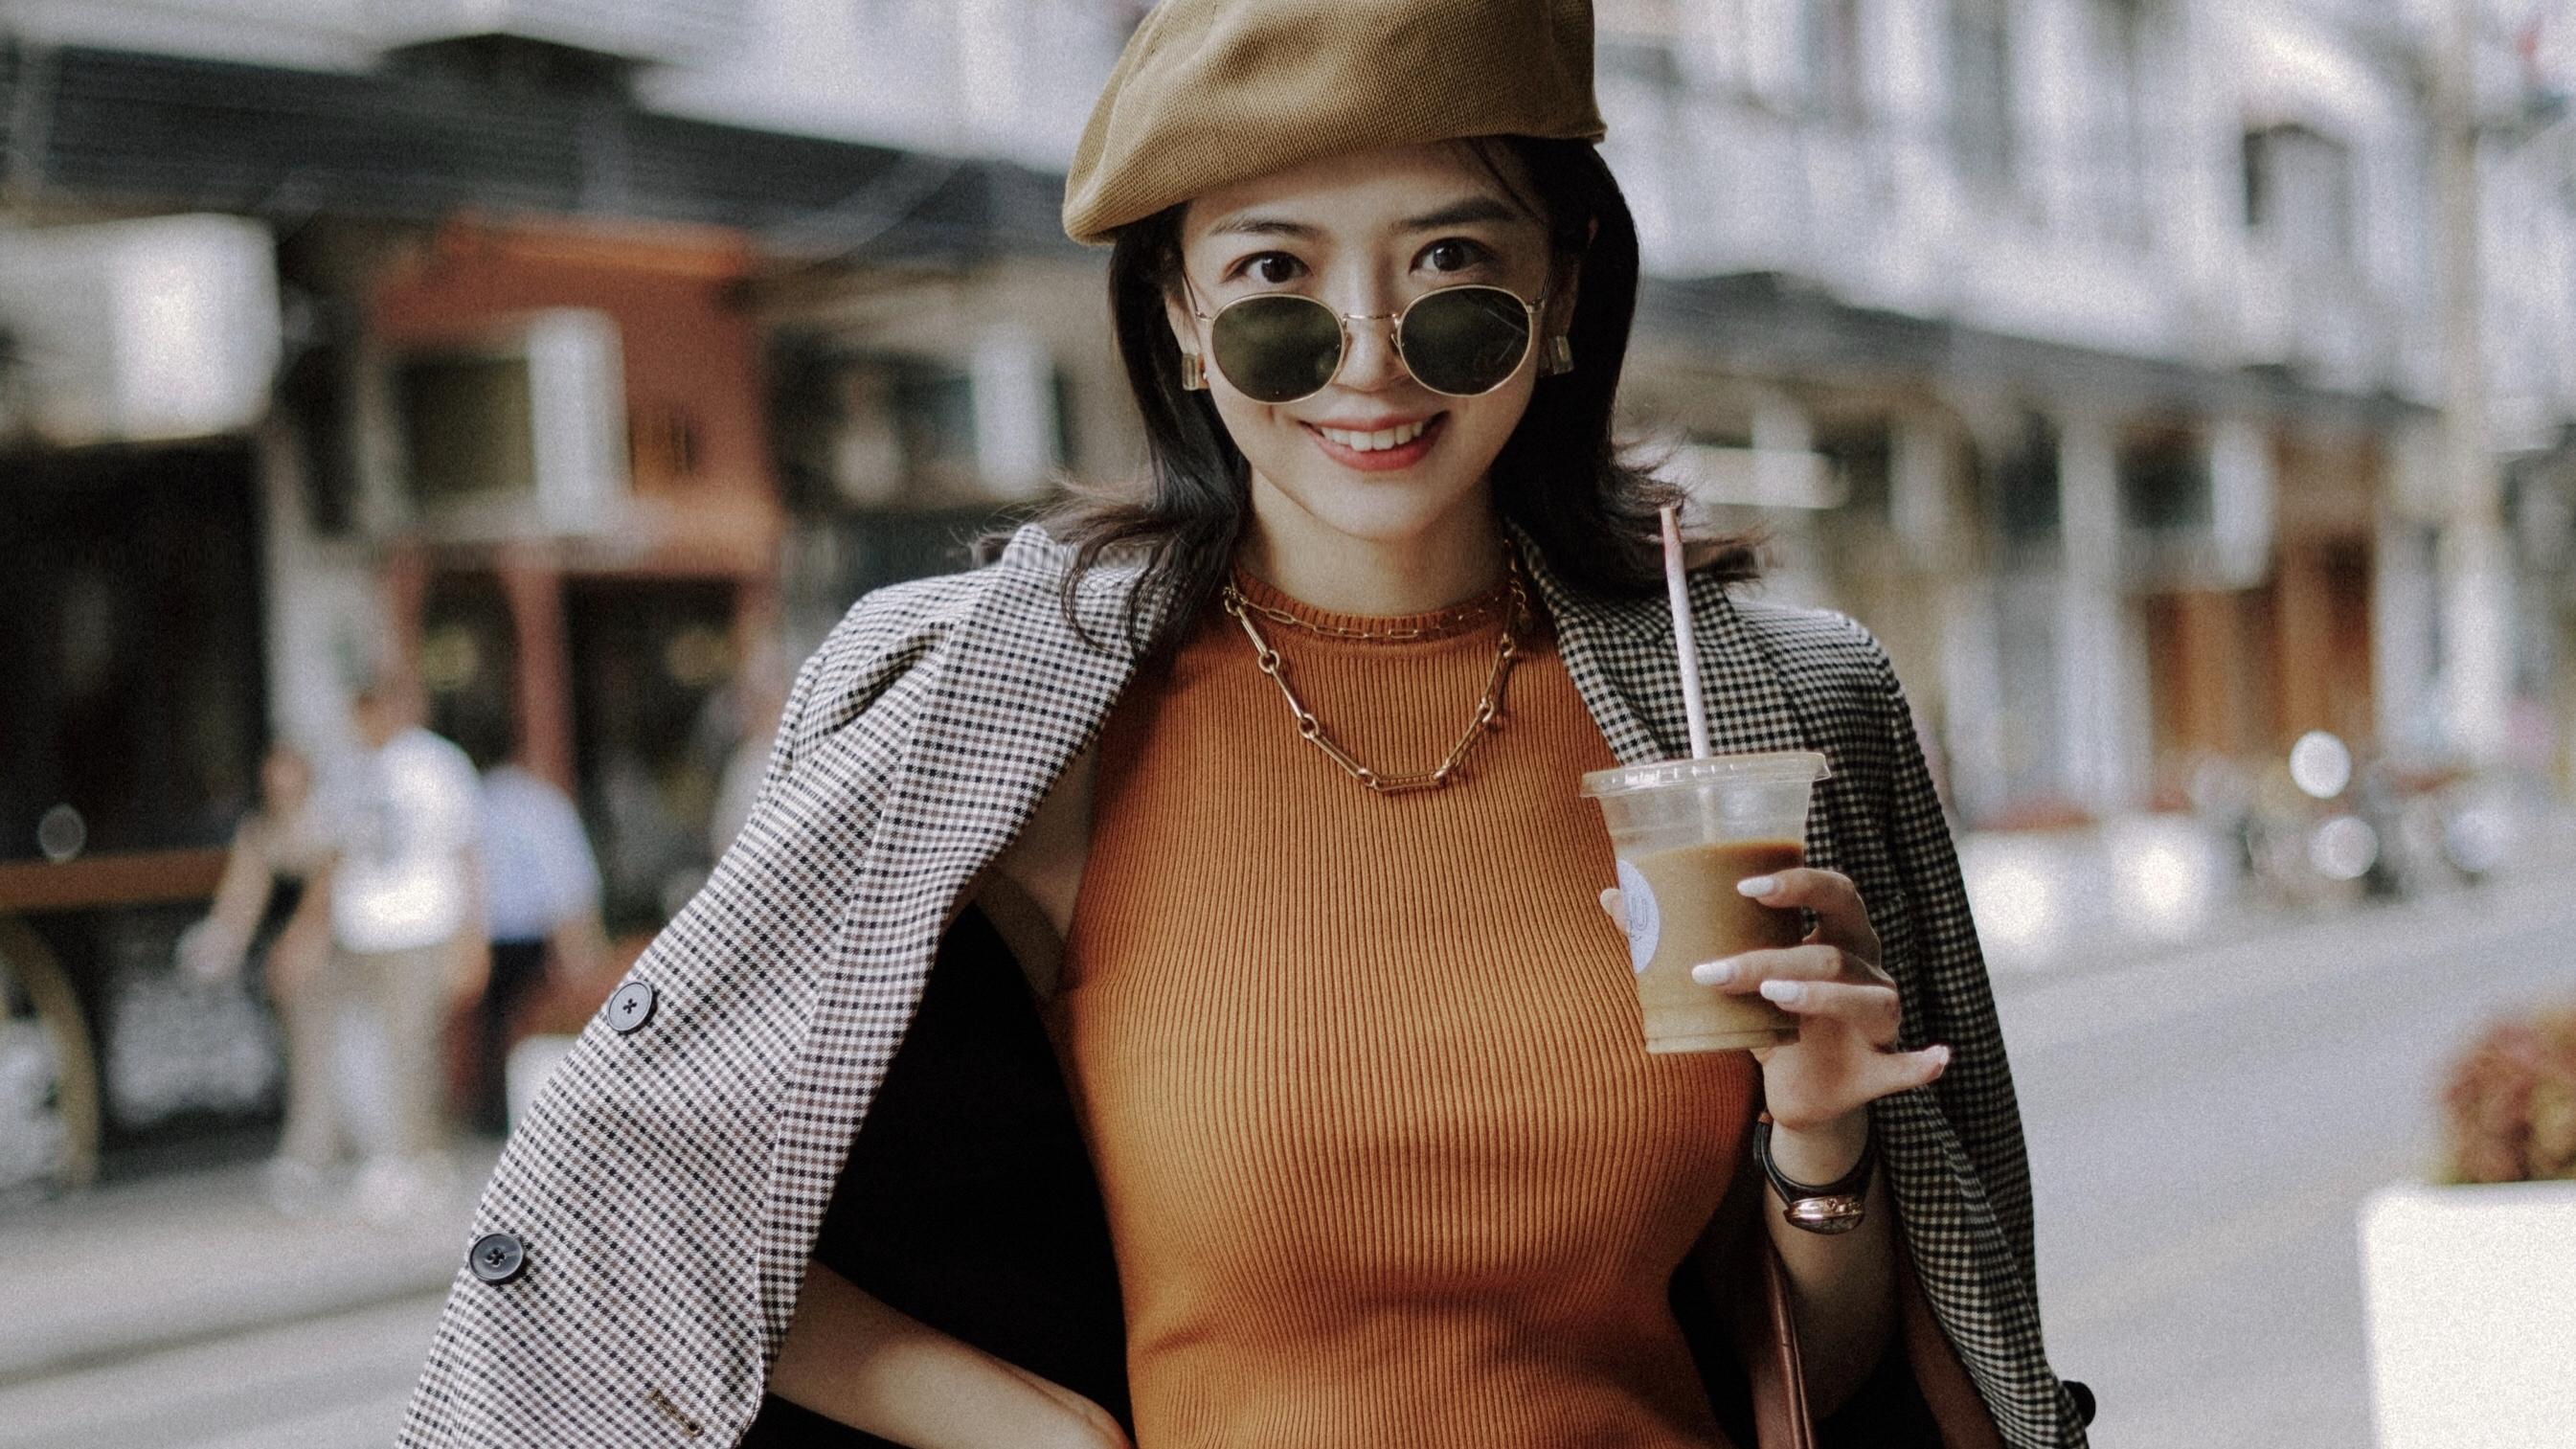 三木复古出街,西装和五分牛仔短裤个性穿搭,高级又时尚